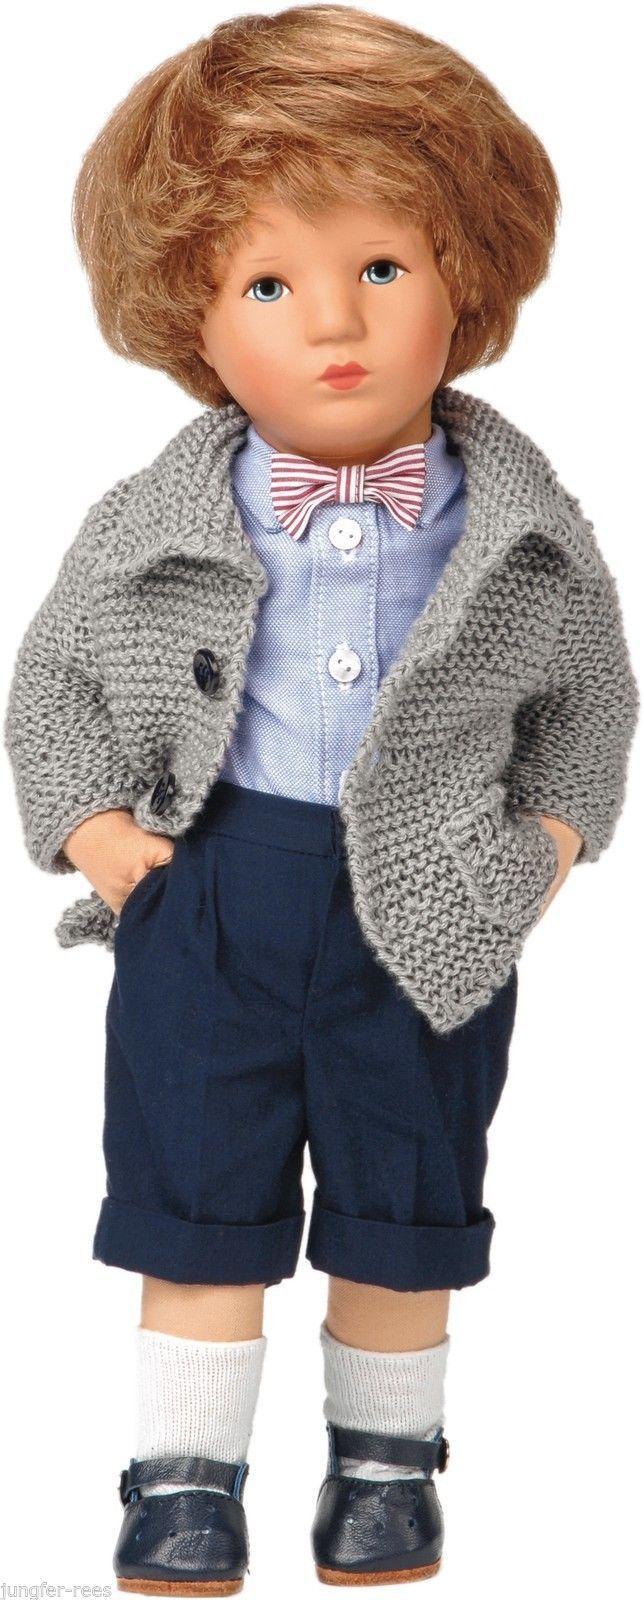 46 besten Puppenkleider Bilder auf Pinterest | Puppenkleidung ...